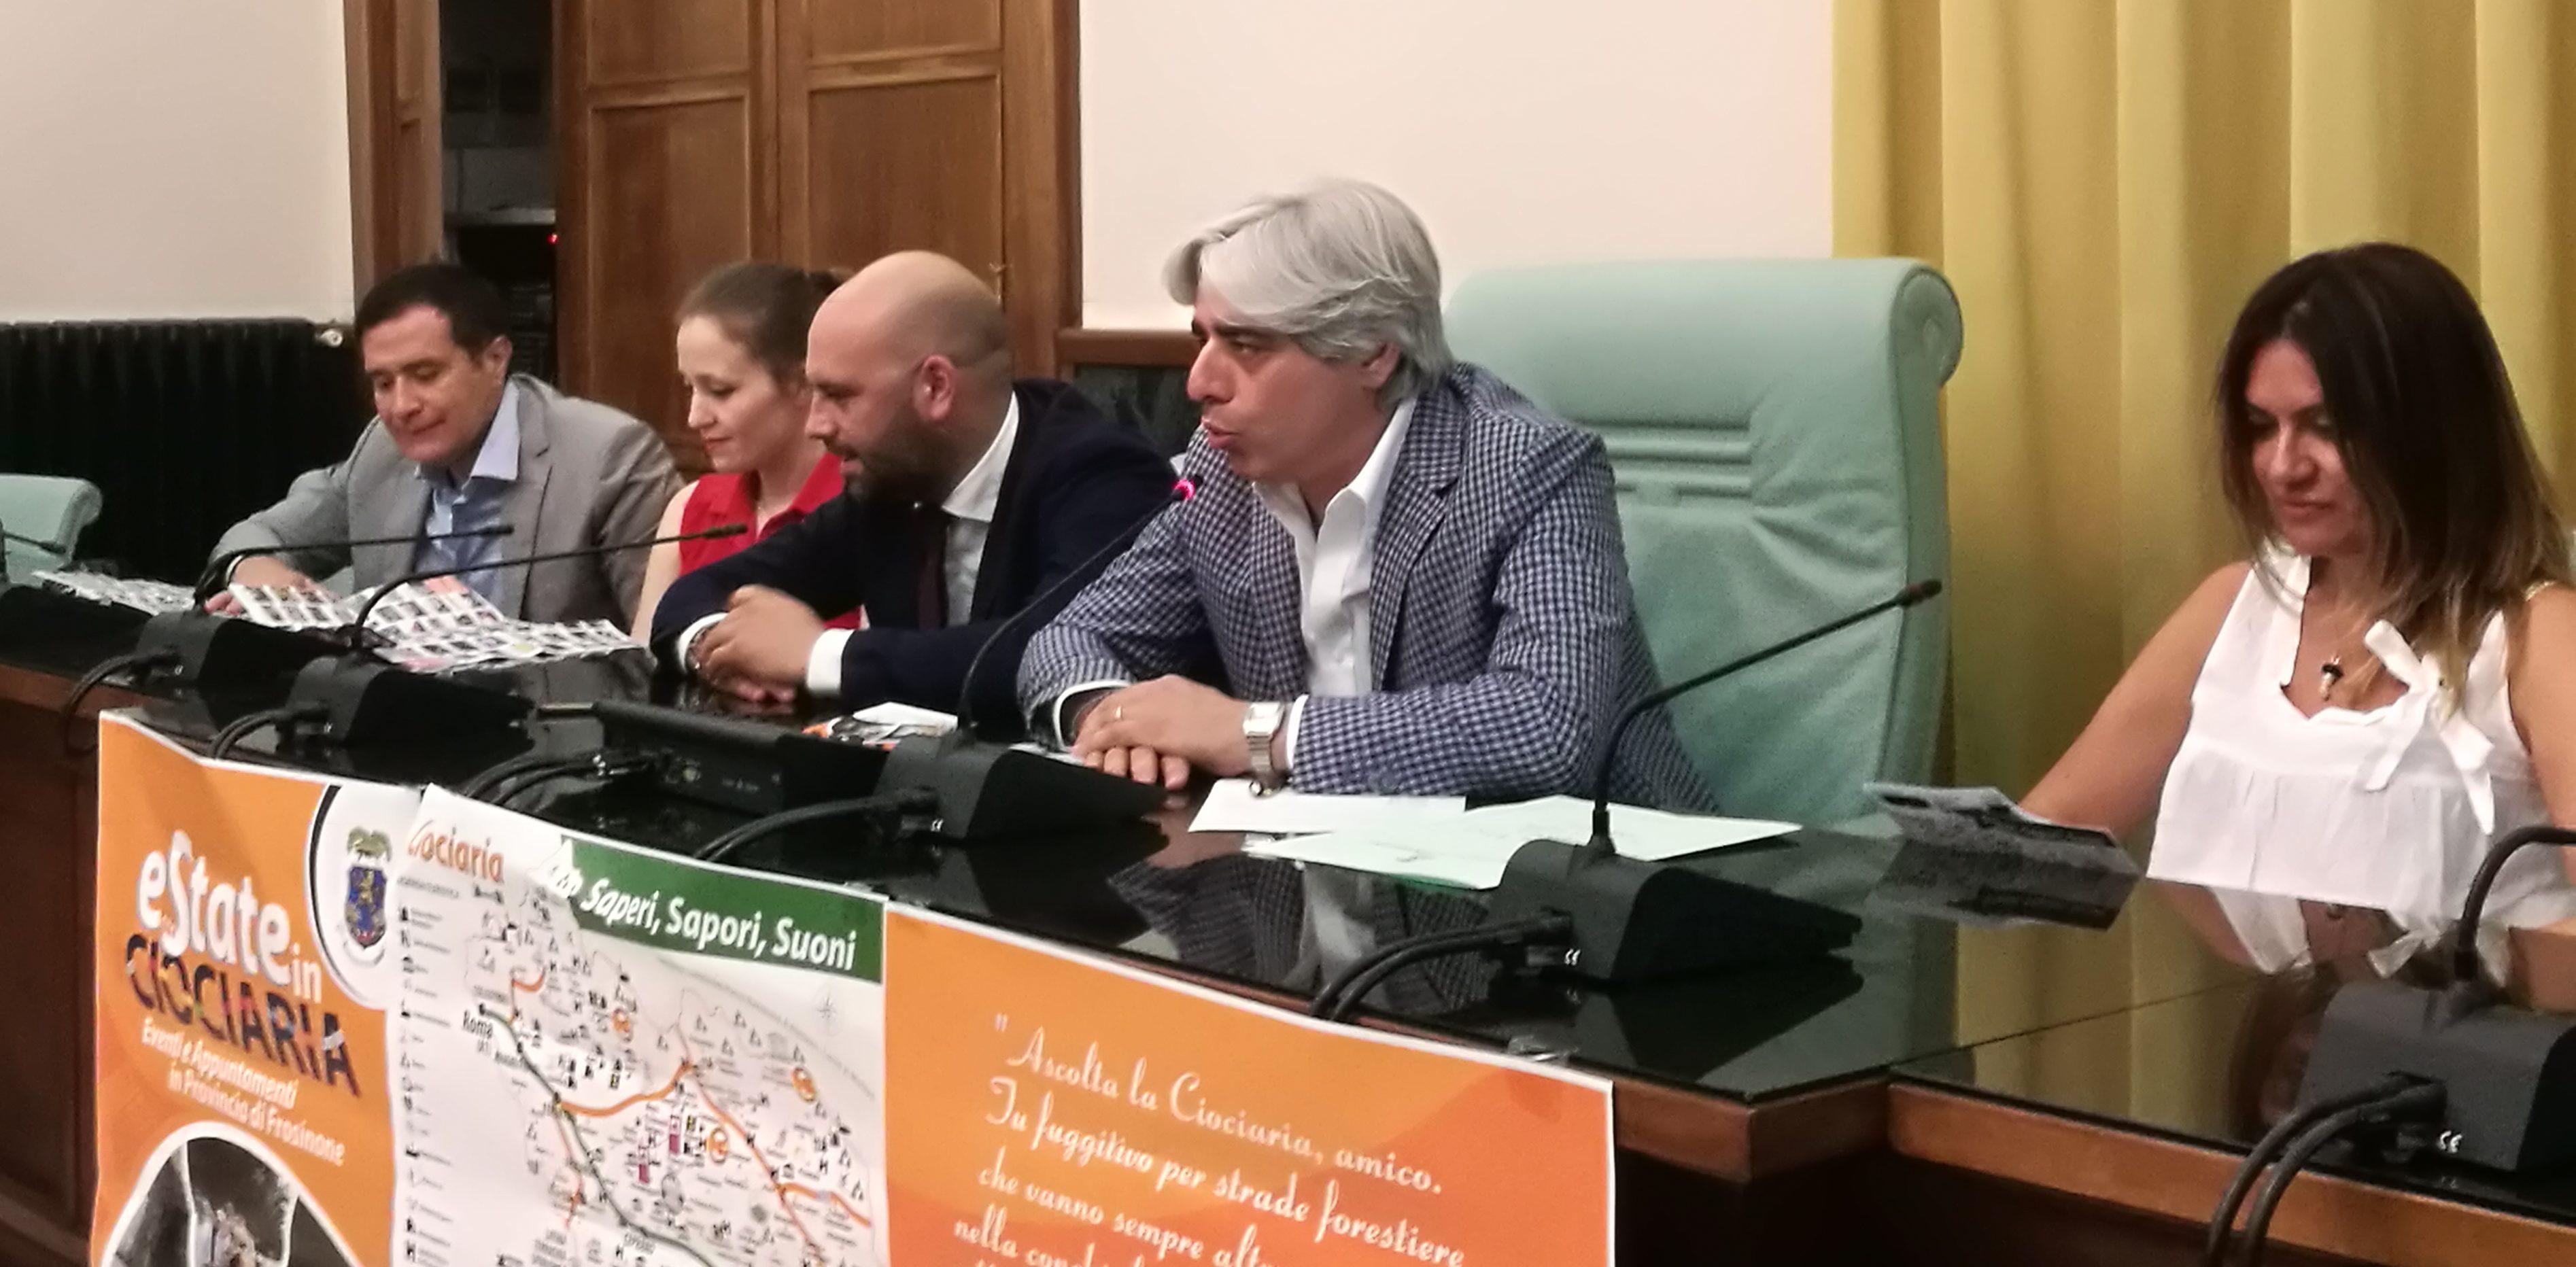 Provincia di Frosinone – Presentata la guida agli appuntamenti dell'Estate dal presidente Pompeo e dal vice Vacana